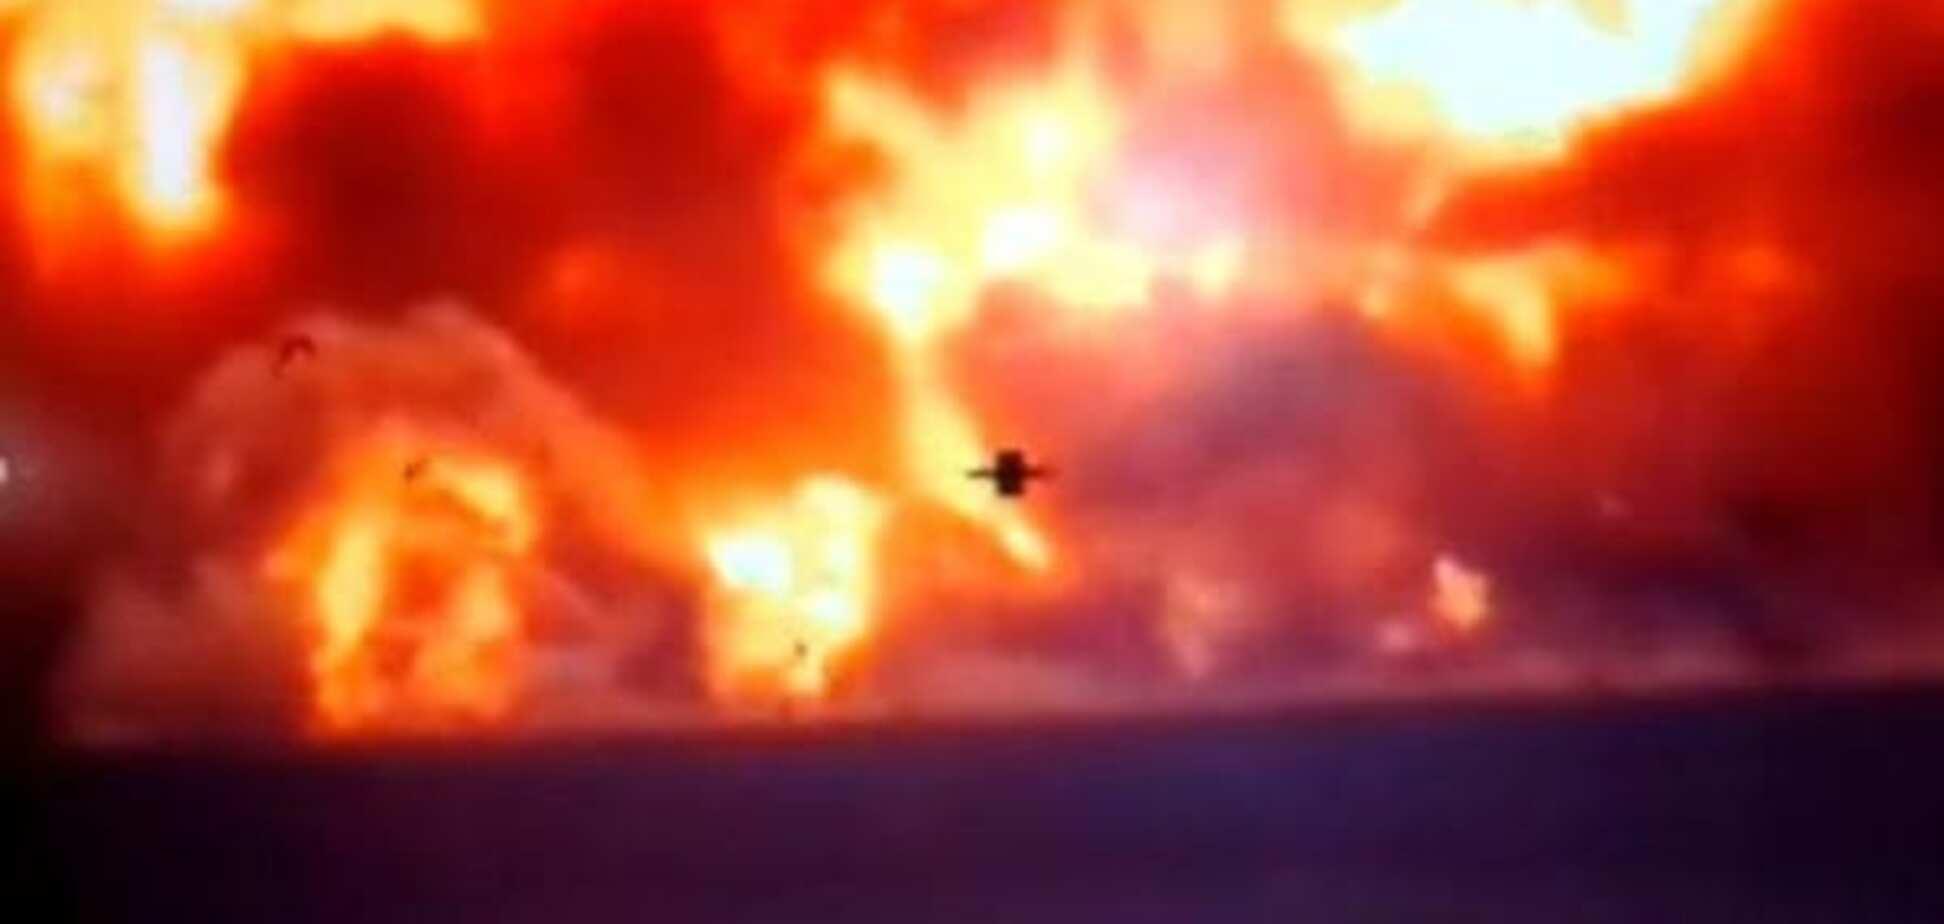 'Підсмажили орків': у мережі показали, як український ПТКР знищив 'Урал' терористів